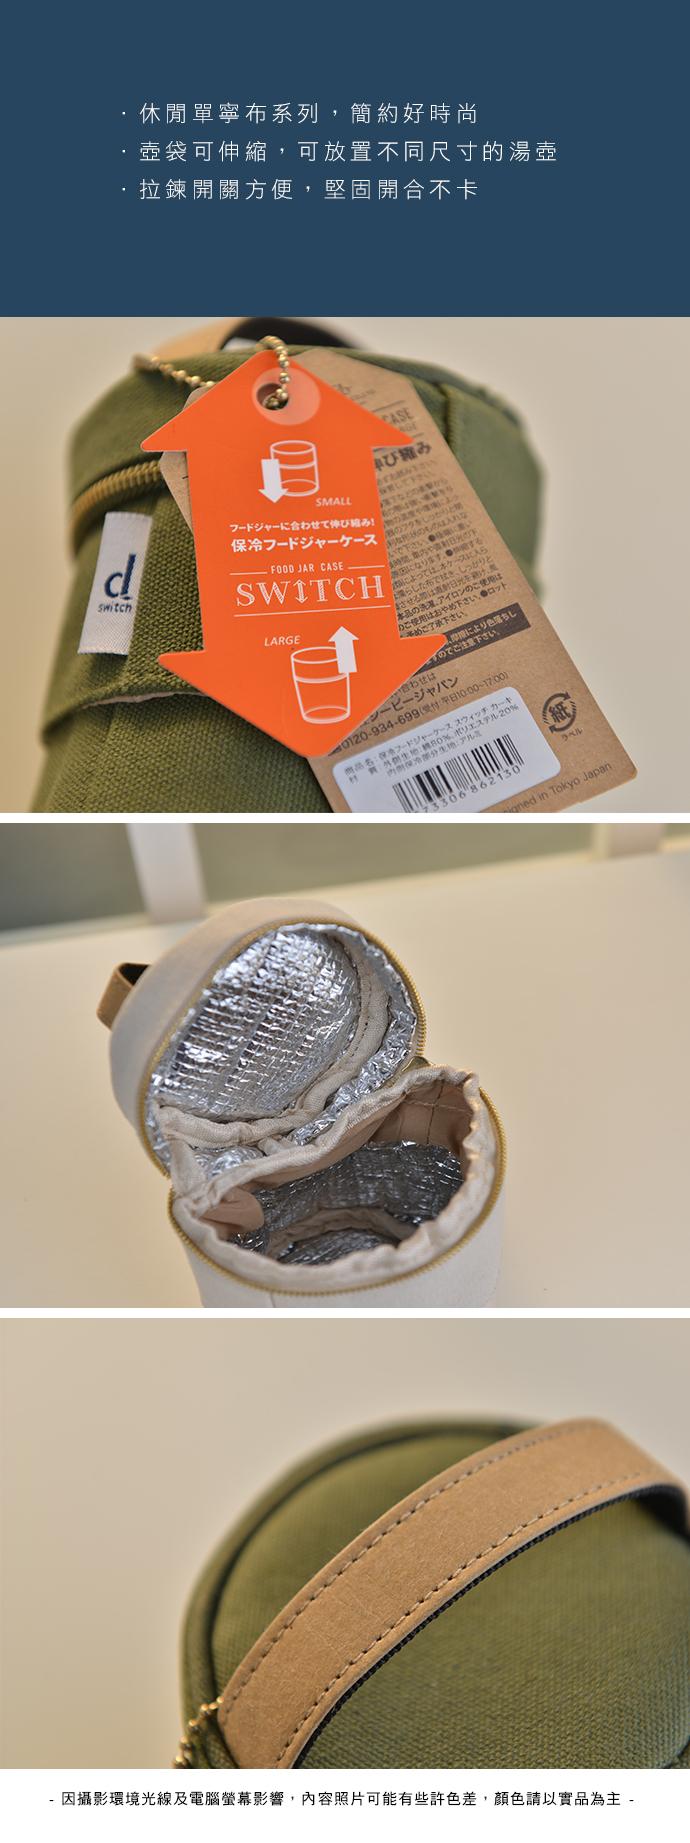 CB Japan 丹寧系列伸縮保冷手提湯袋 - 簡約白